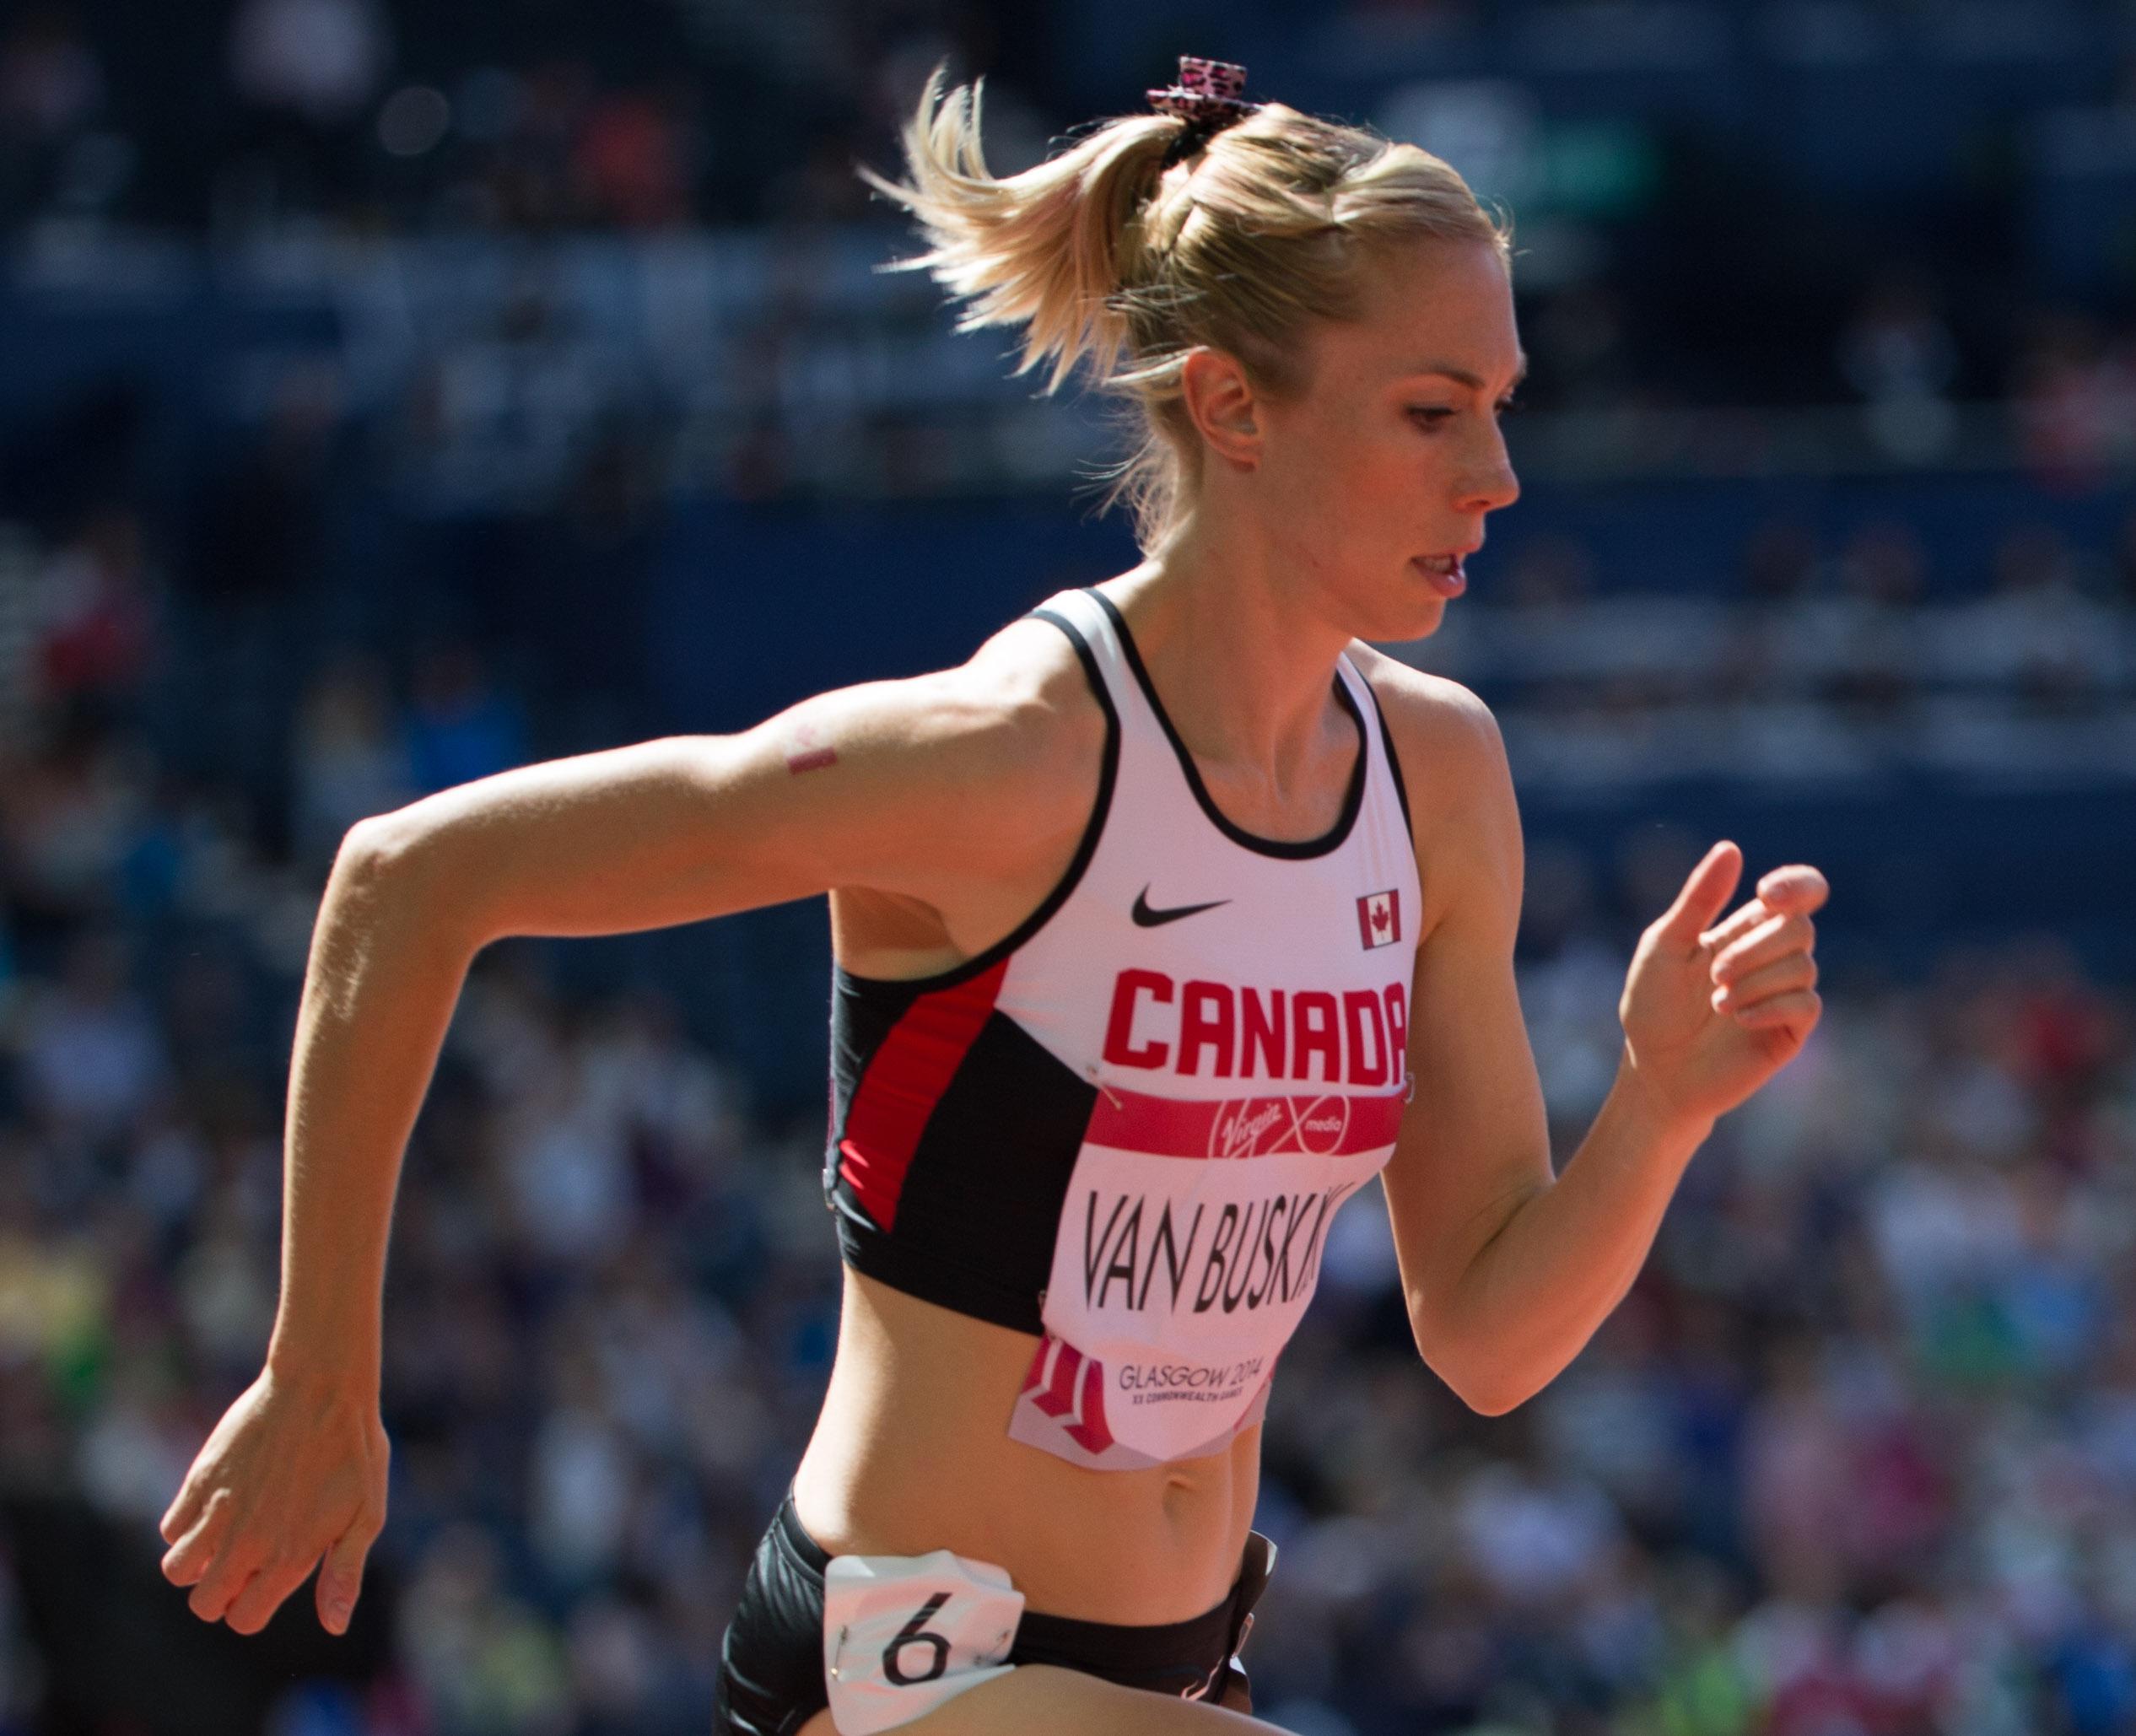 Kate Van Buskirk